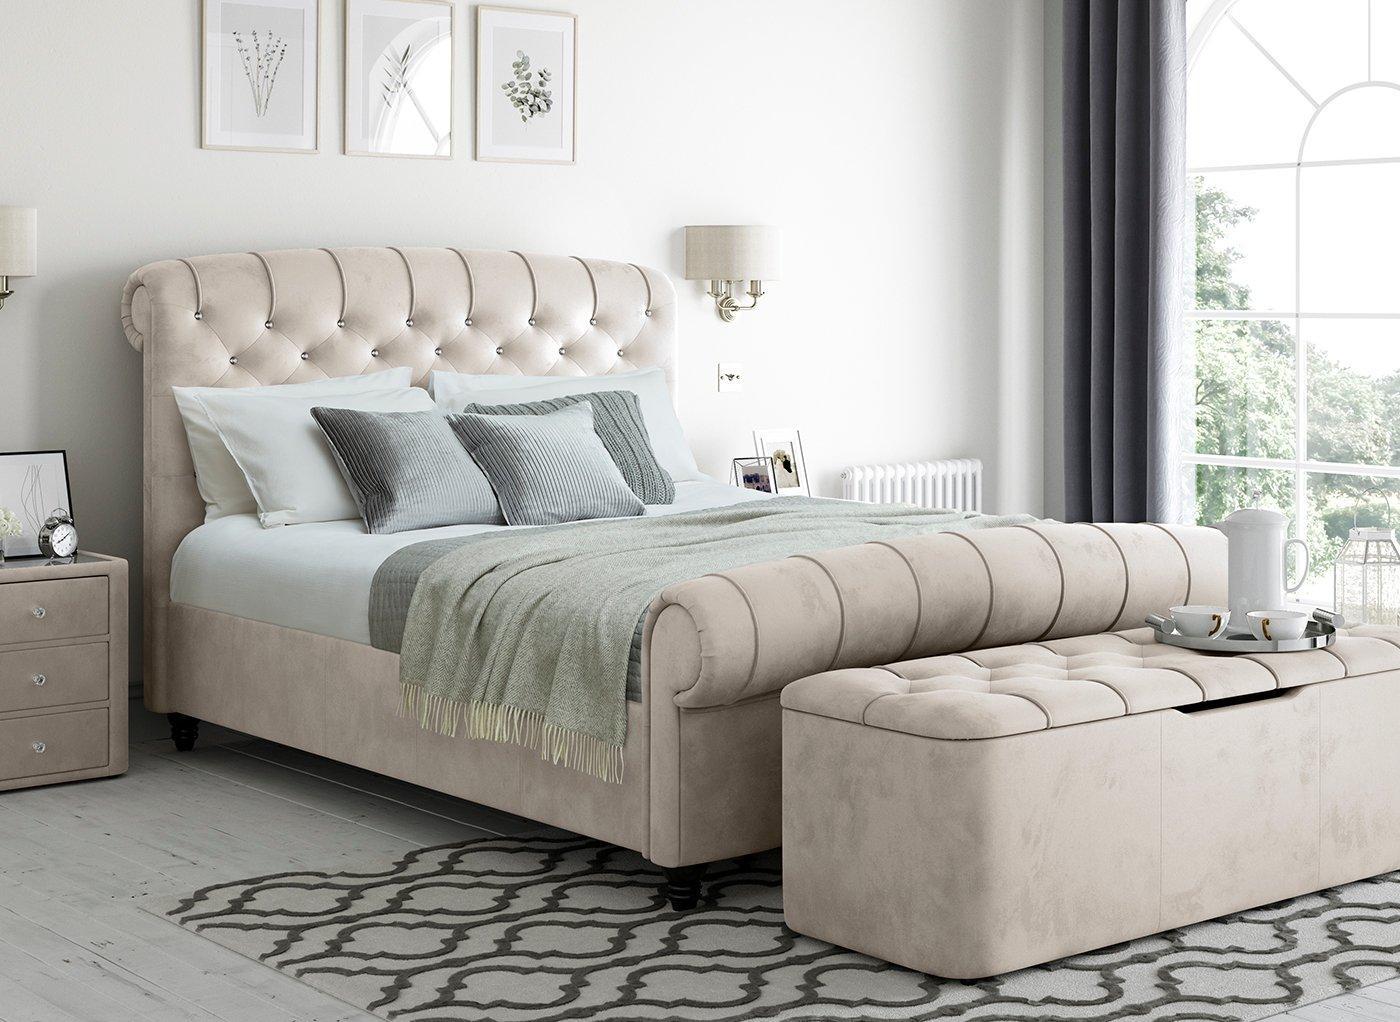 ellis-velvet-finish-upholstered-bed